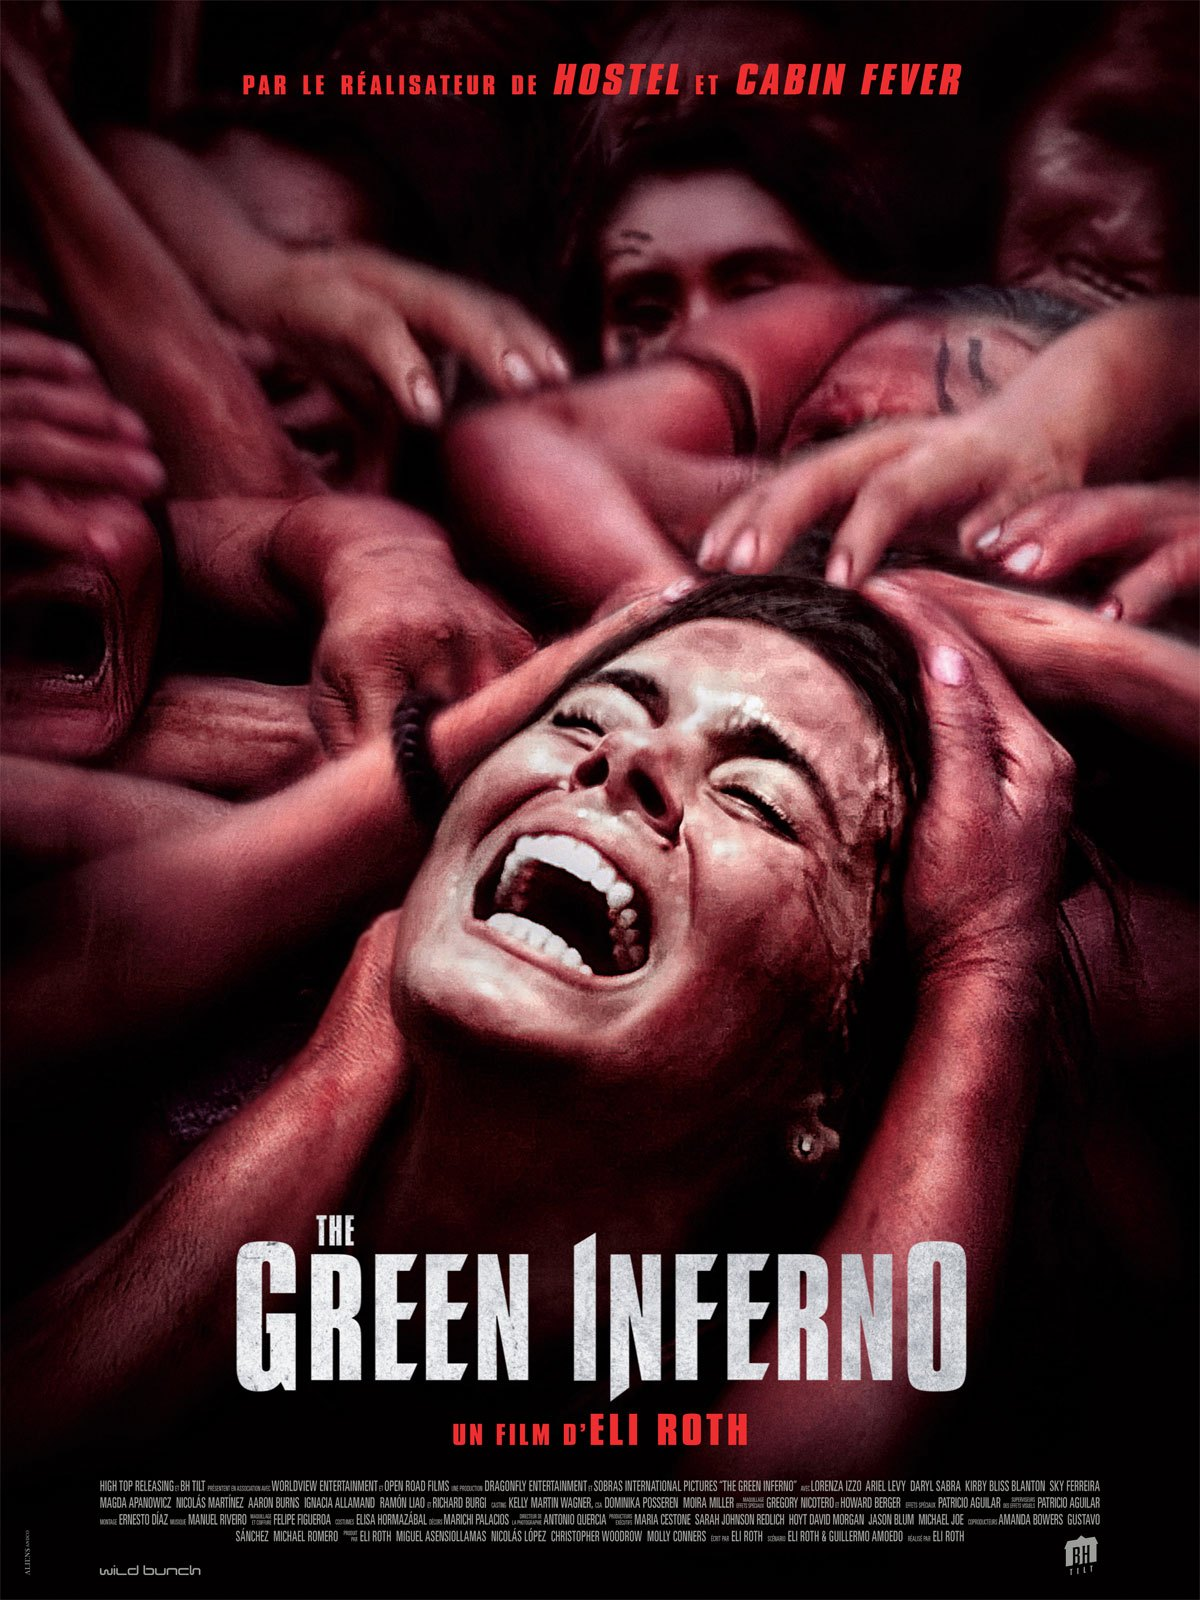 [CRITIQUE E-CINEMA] THE GREEN INFERNO